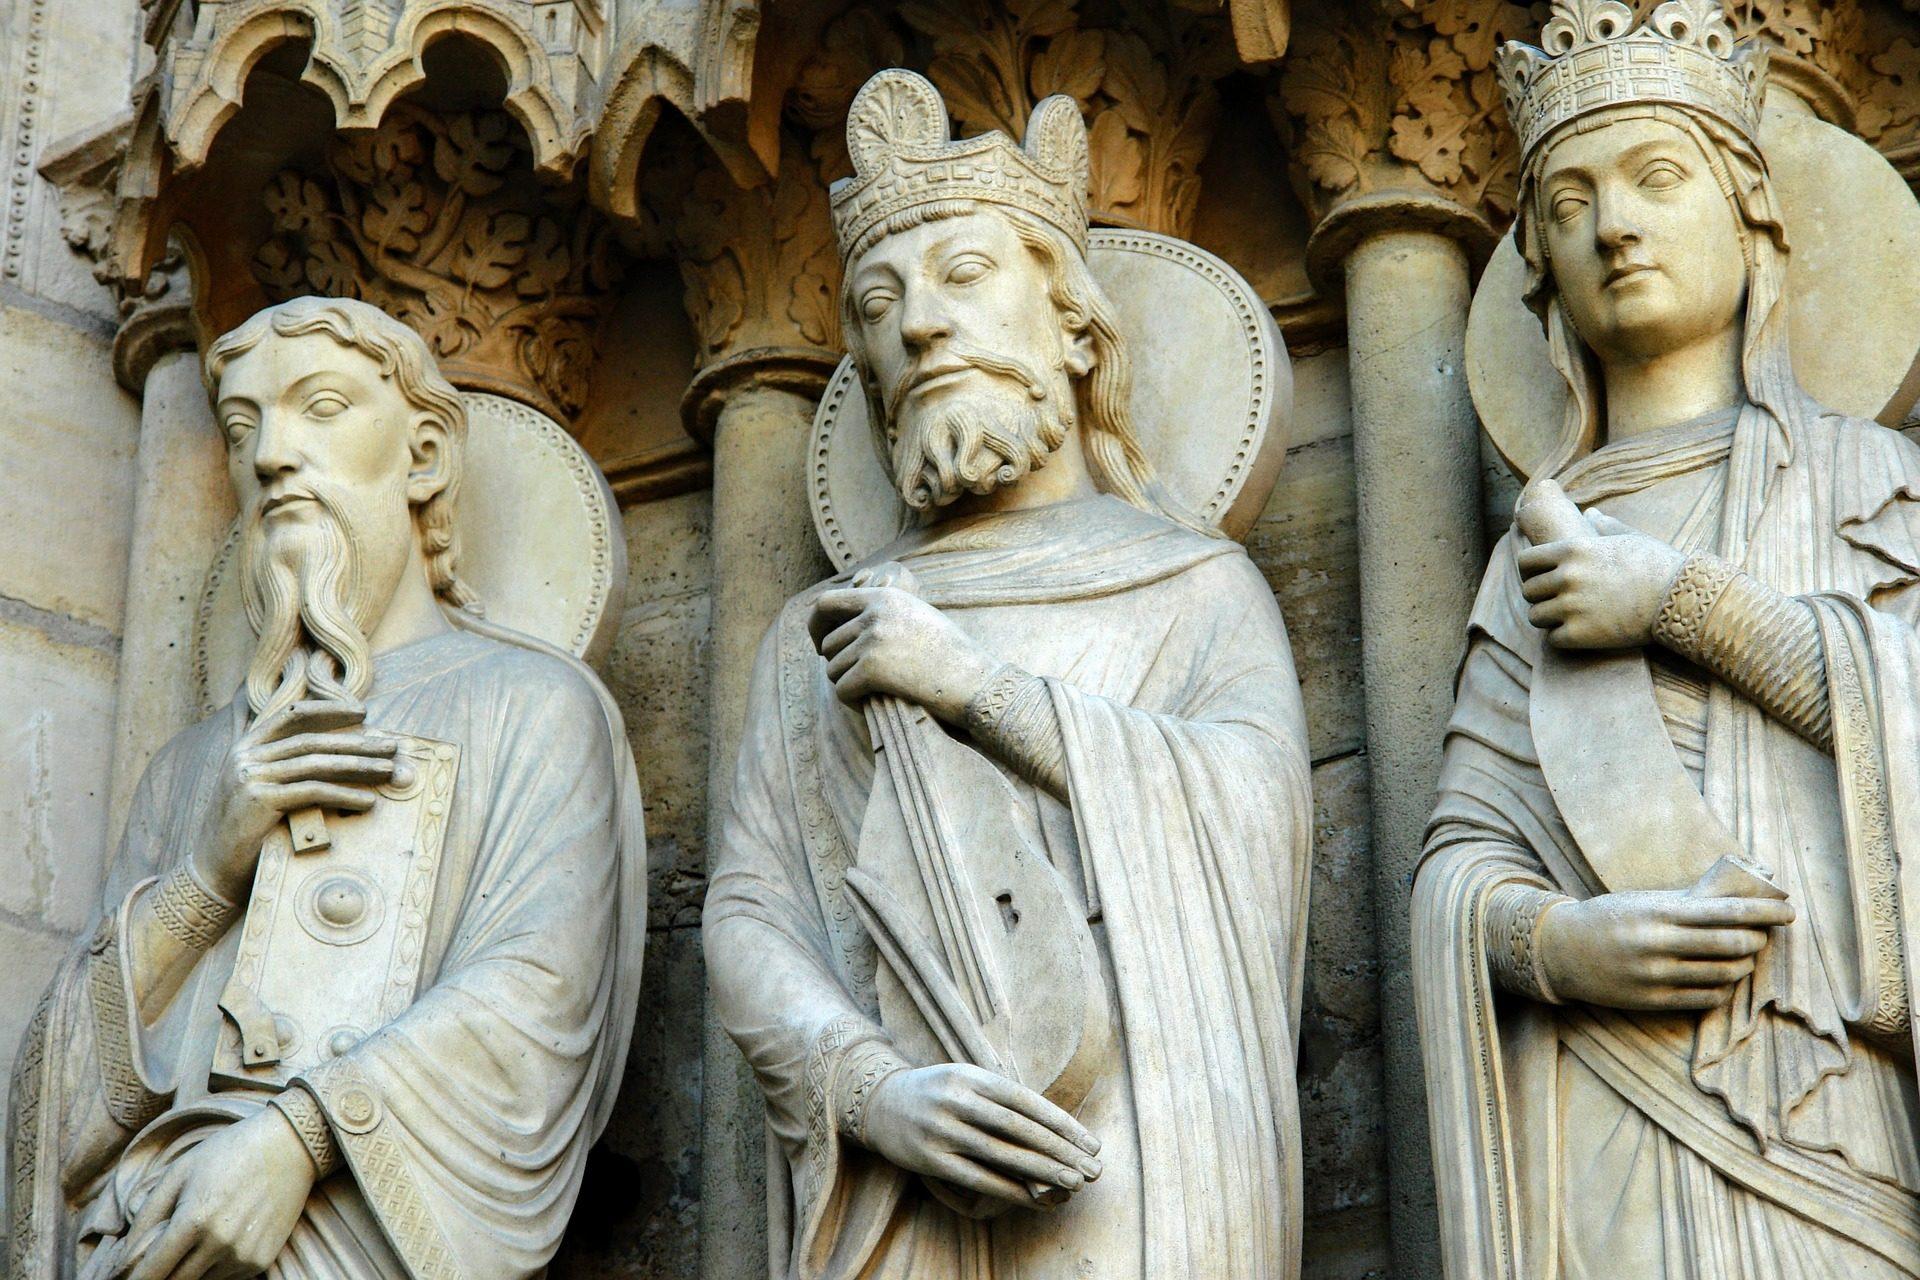 التماثيل, كنيسة, كاتدرائية, الهندسة المعمارية, سيدة, باريس - خلفيات عالية الدقة - أستاذ falken.com